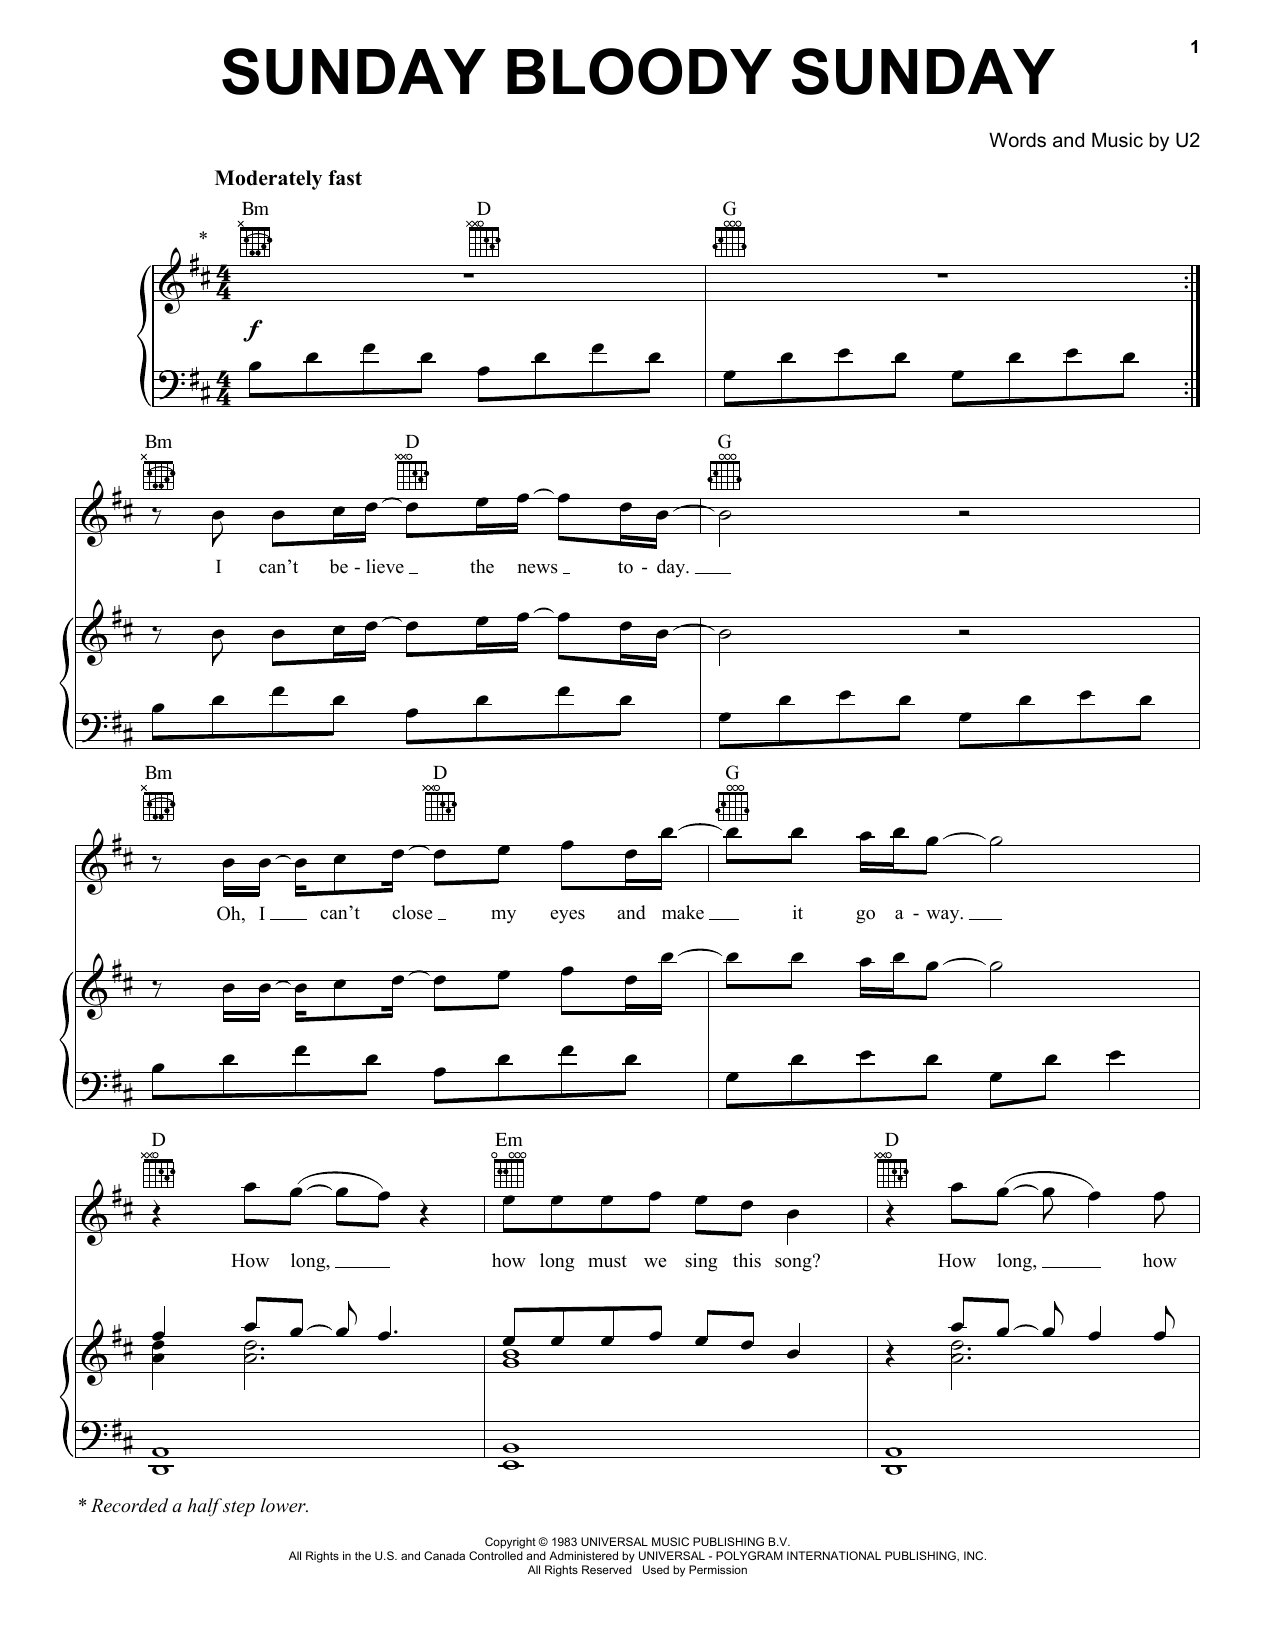 U2 Sunday Bloody Sunday sheet music notes and chords